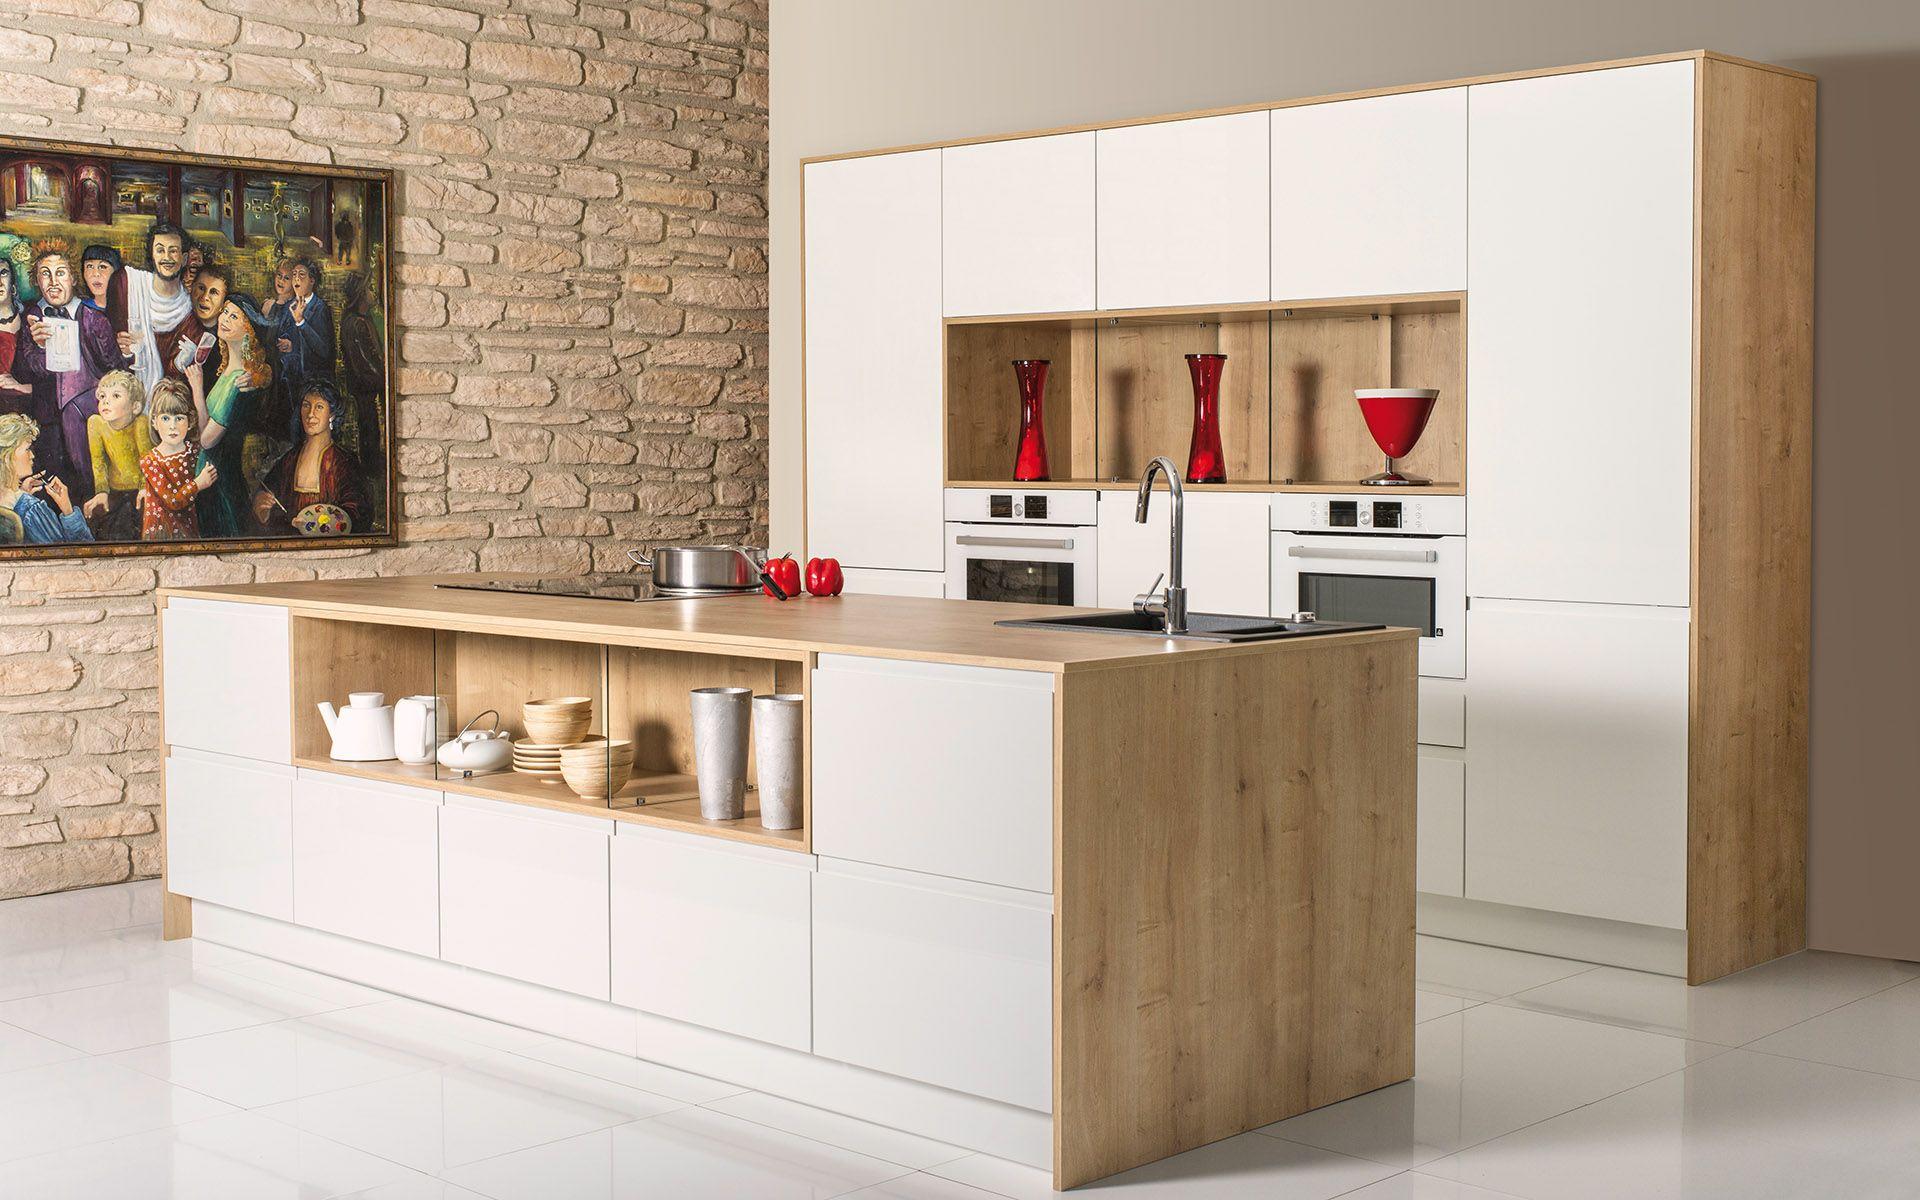 Farbe Holz Kuche 76 Haka Kuche Dapur Kitchen House